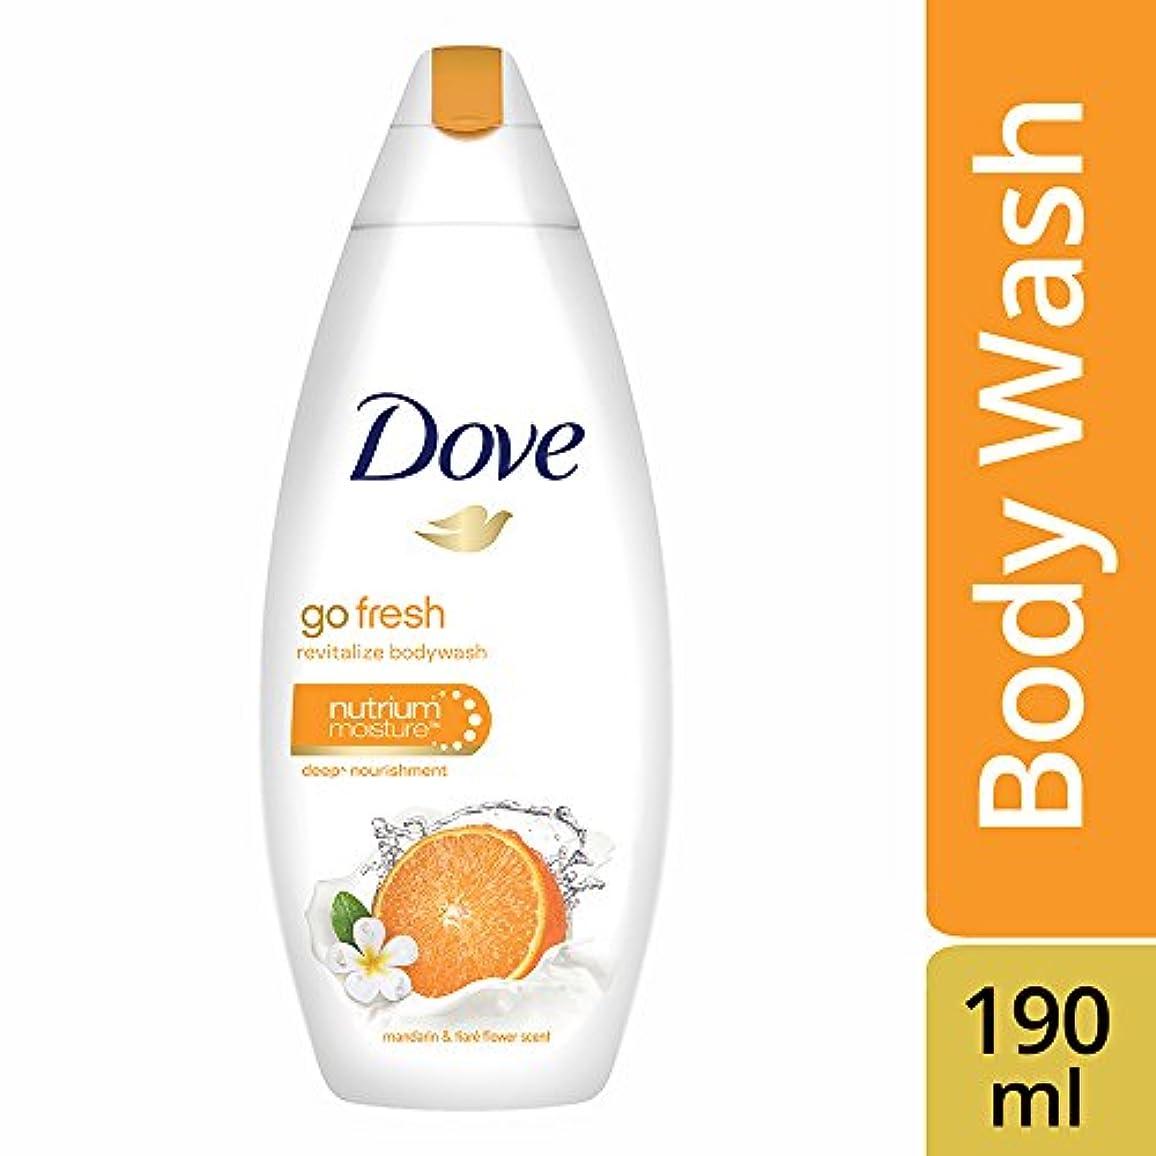 サバント天文学対処Dove Go Fresh Revitalize Body Wash, 190ml